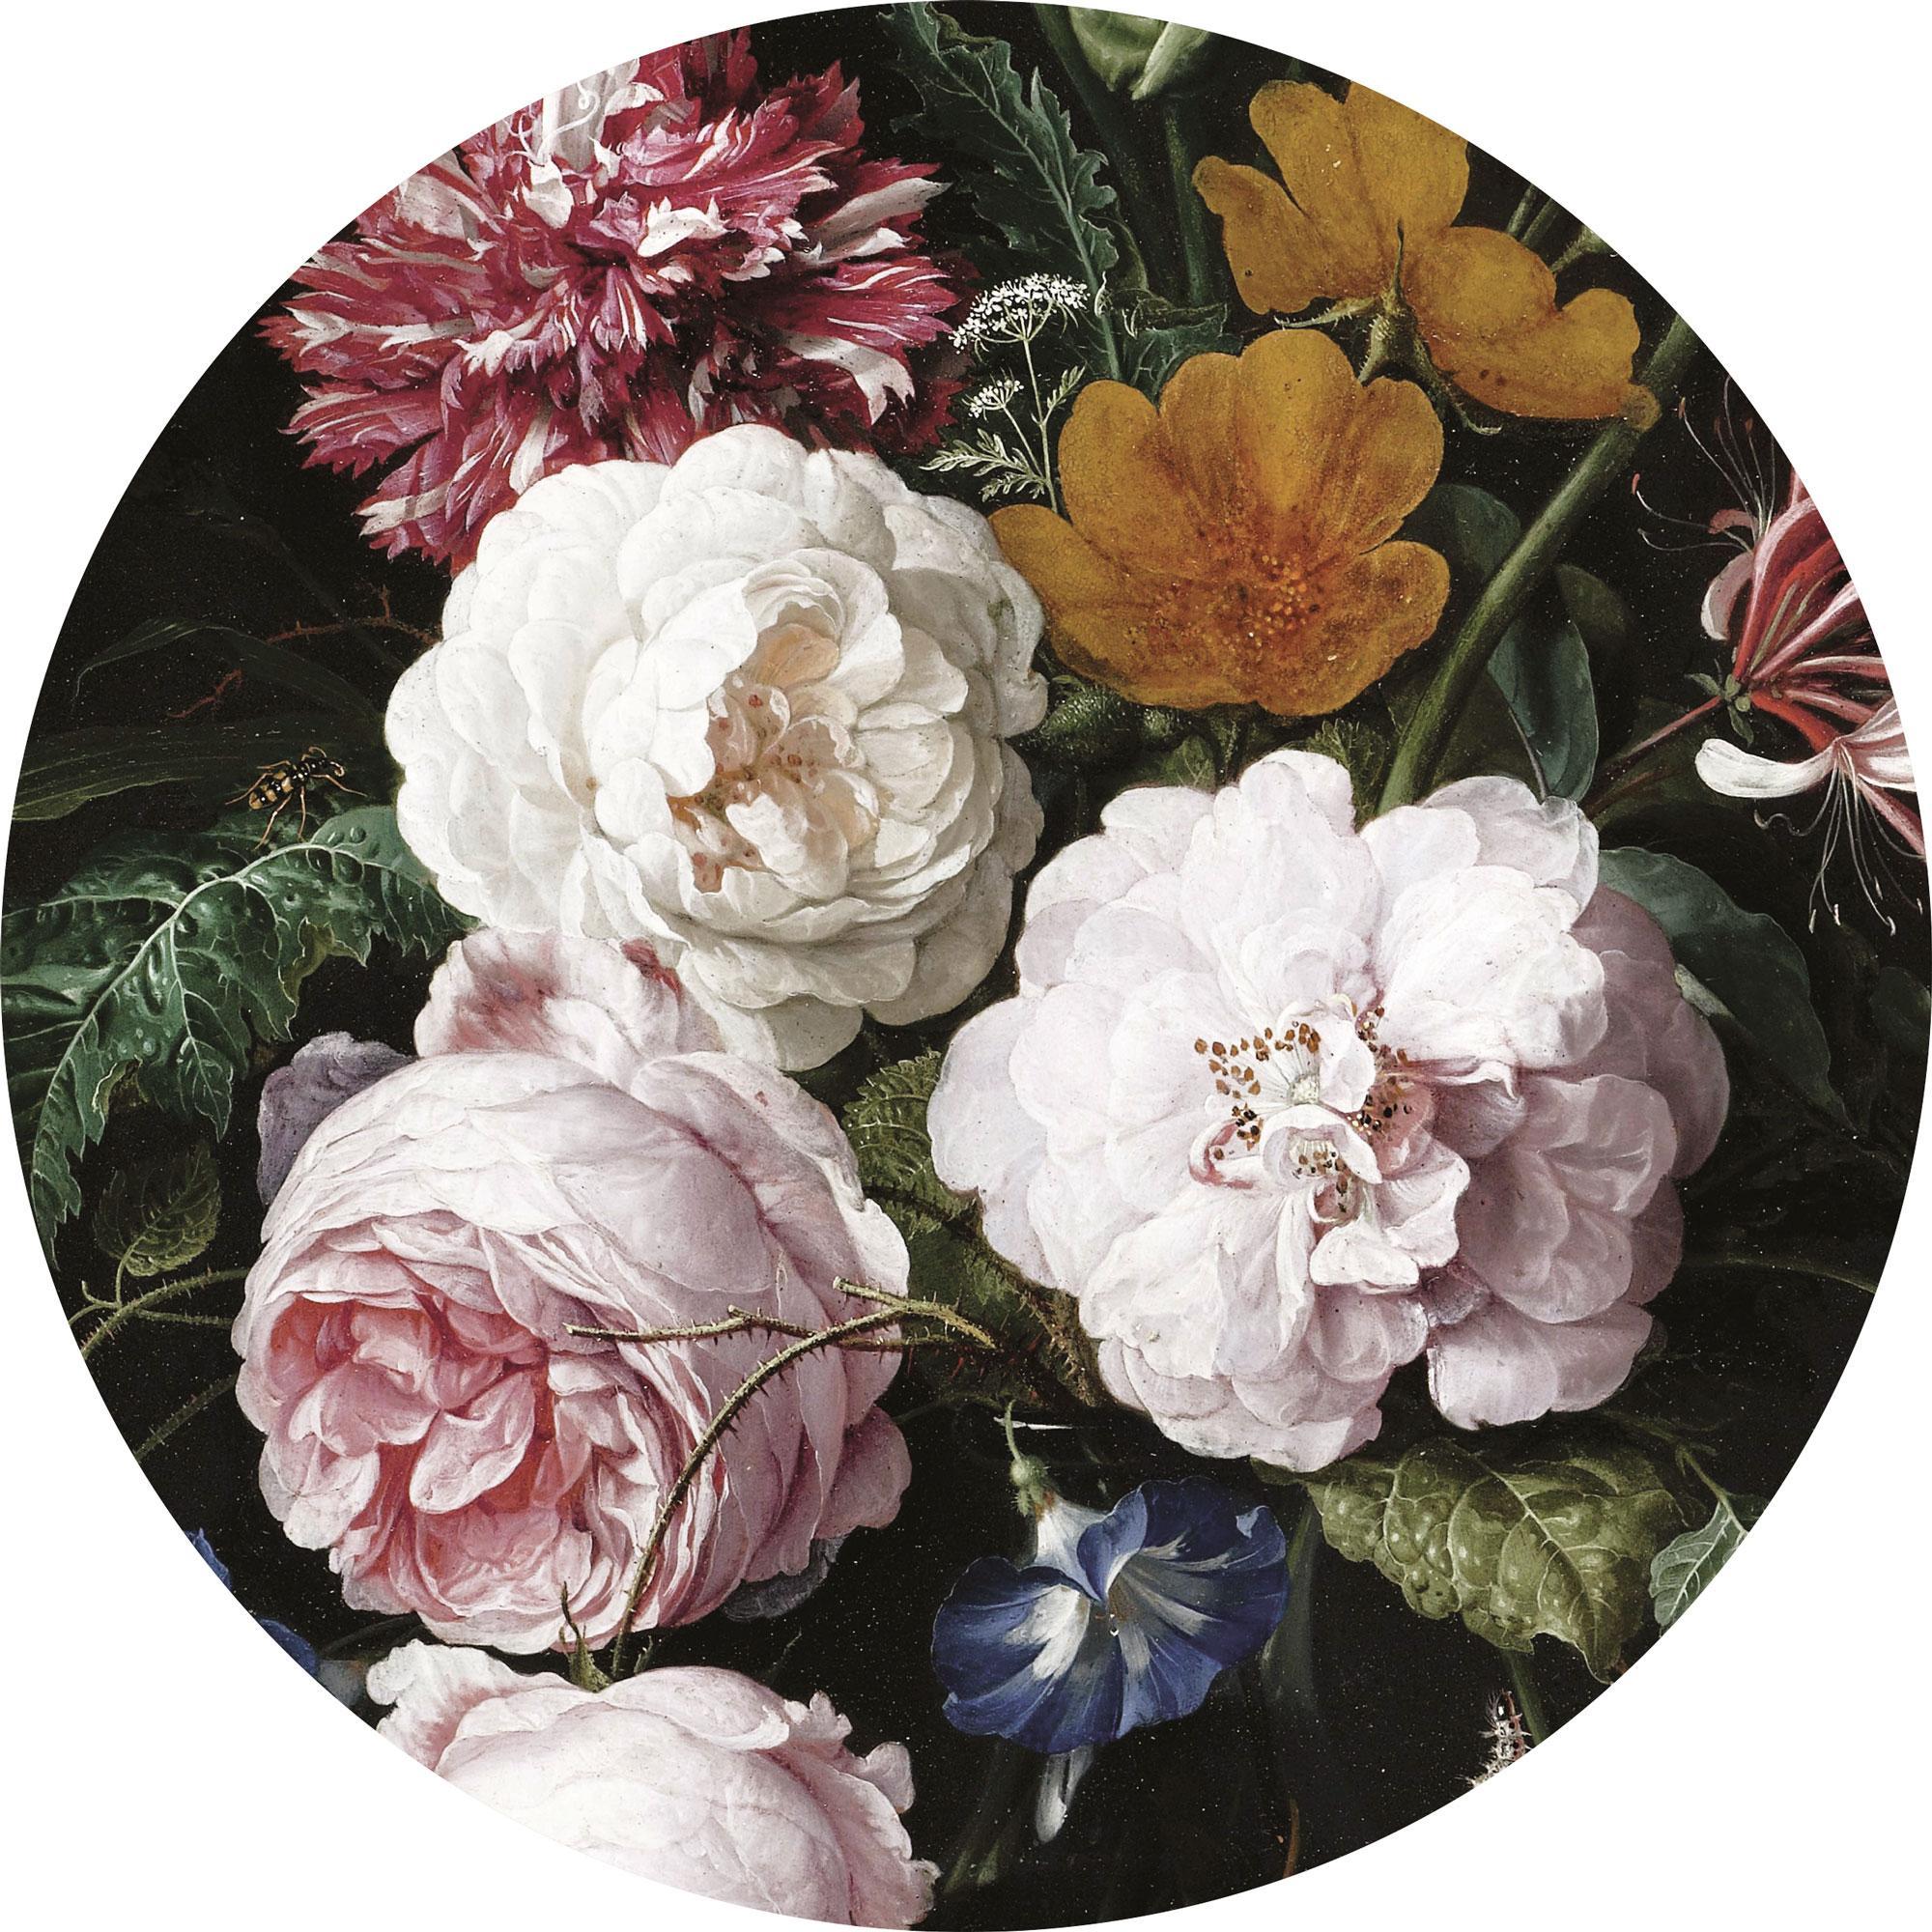 Adesivo murale rotondo Golden Age Flowers, Tessuto non tessuto opaco, ecologico e biodegradabile, Multicolore, Ø 190 cm